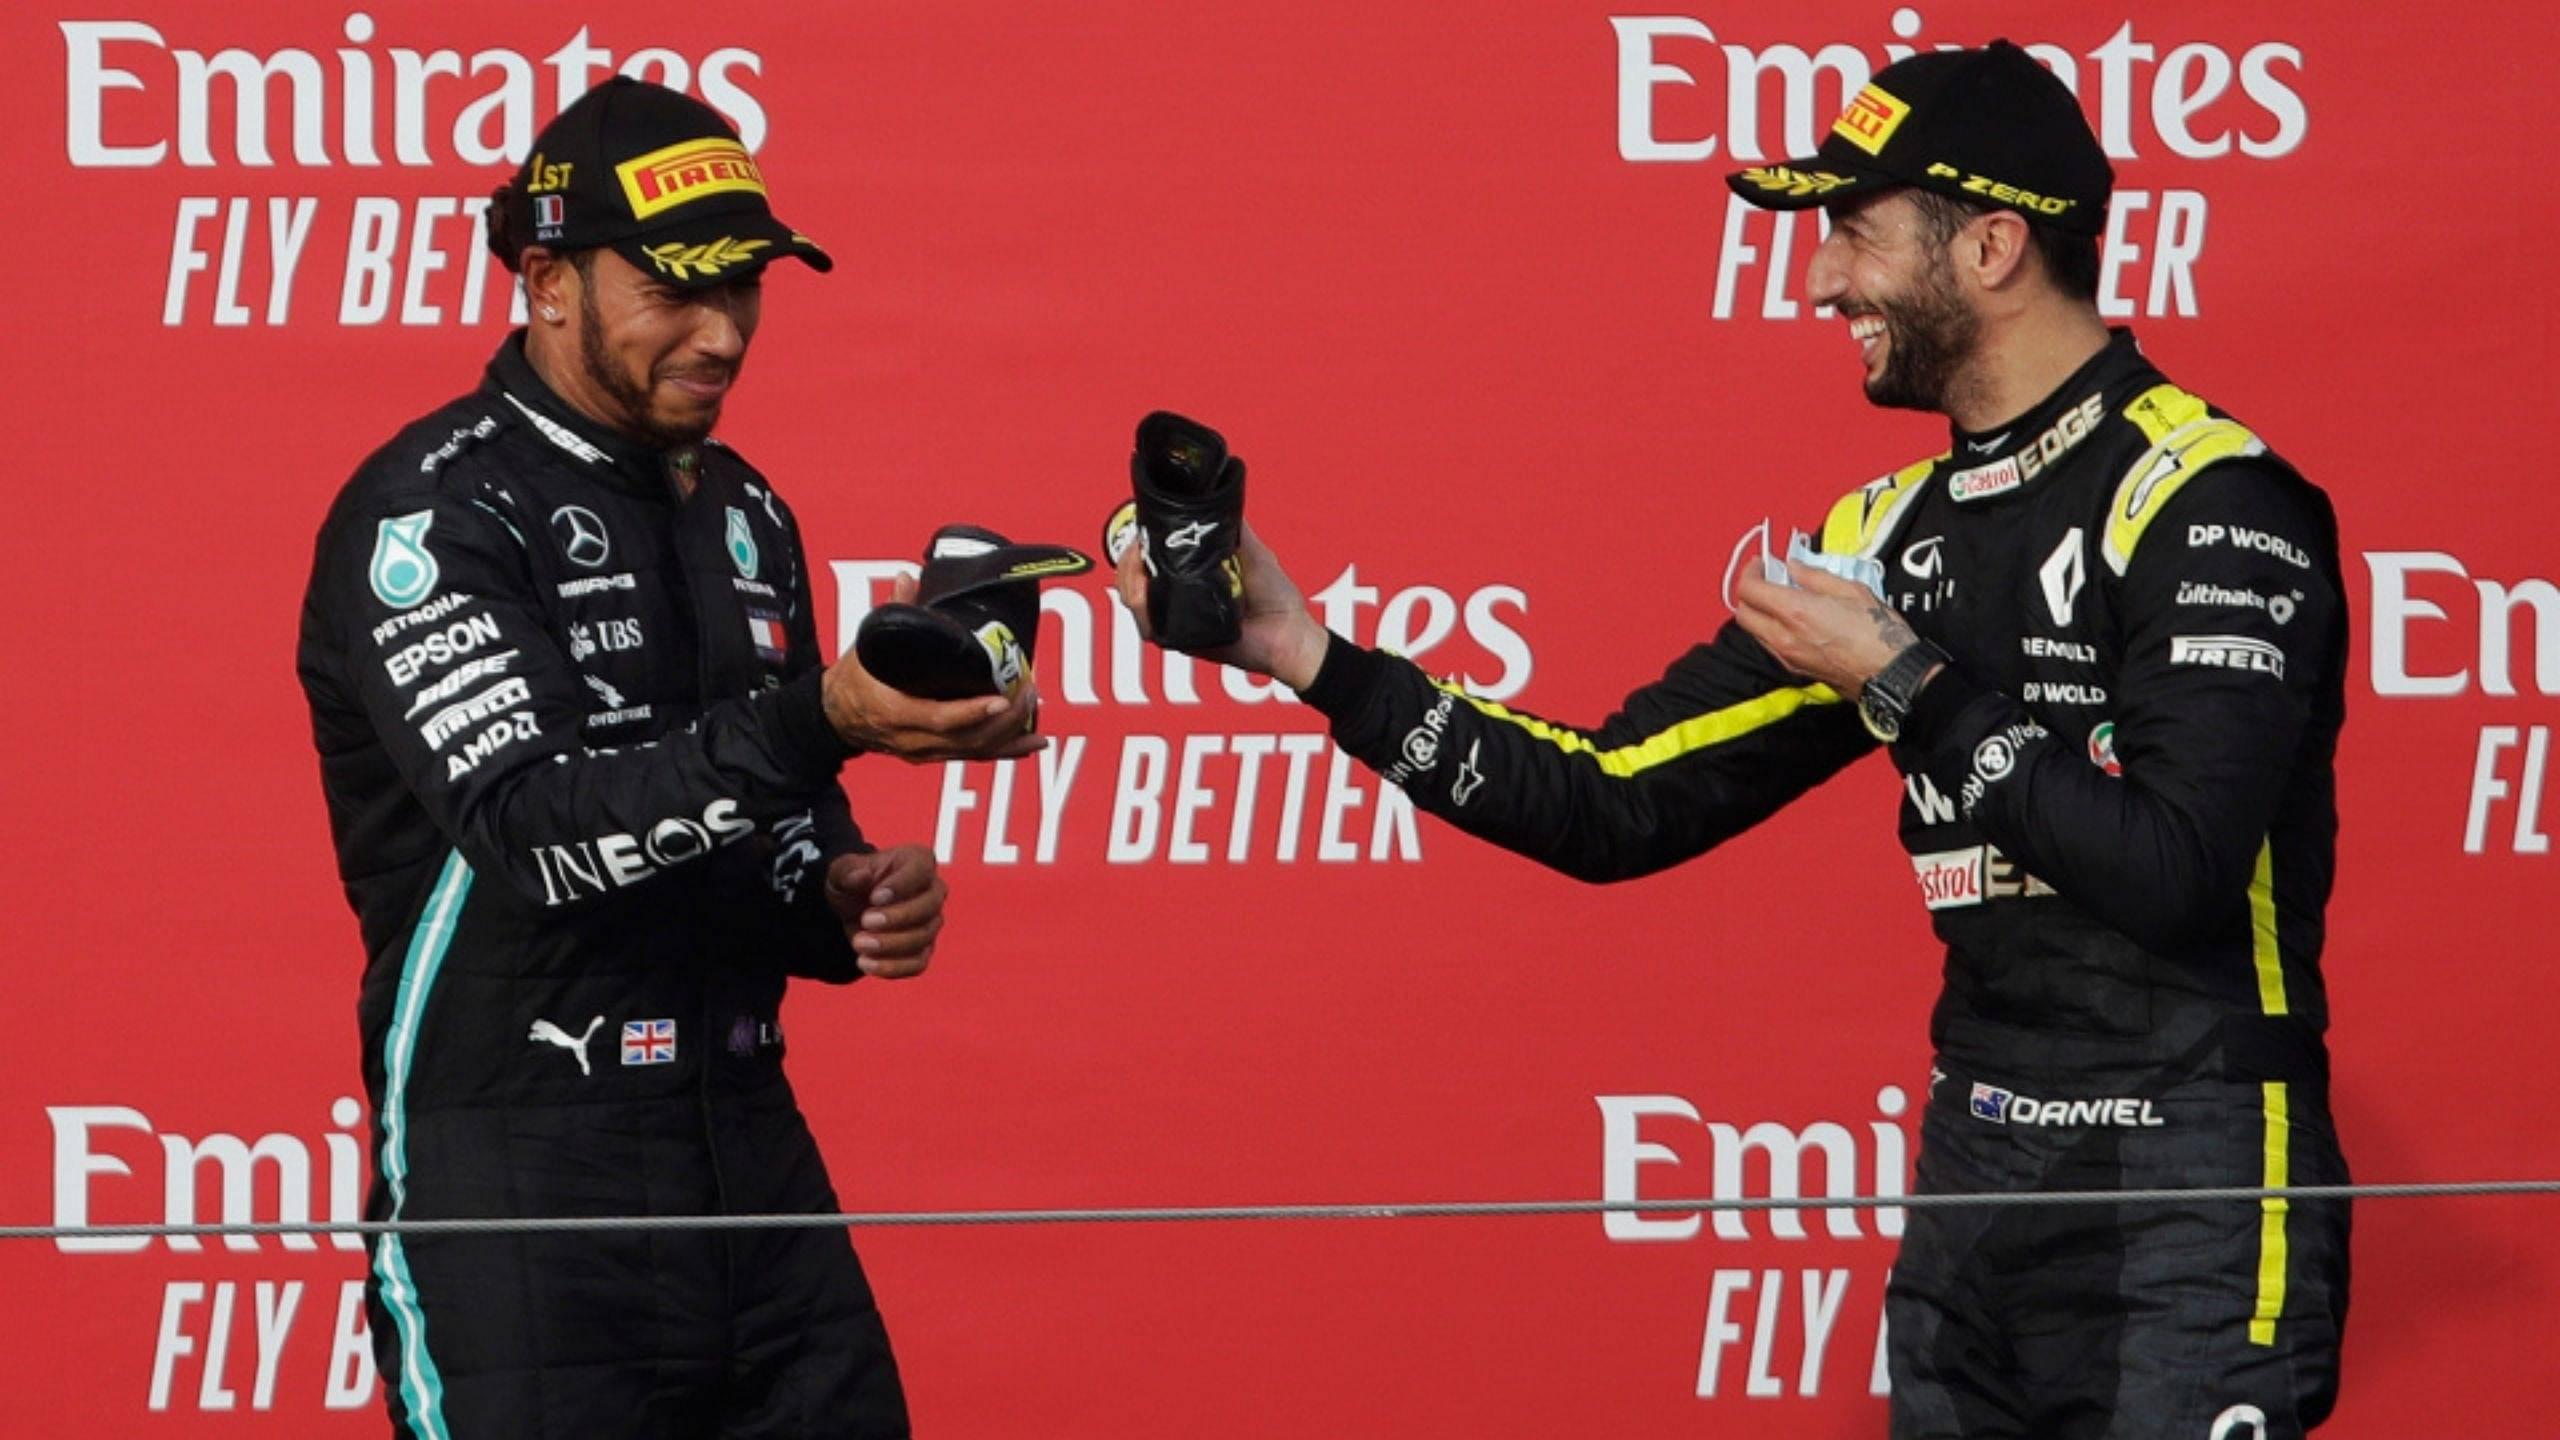 Daniel Ricciardo shoey: Renault driver does shoey after grabbing Imola pole, makes Lewis Hamilton follow suit